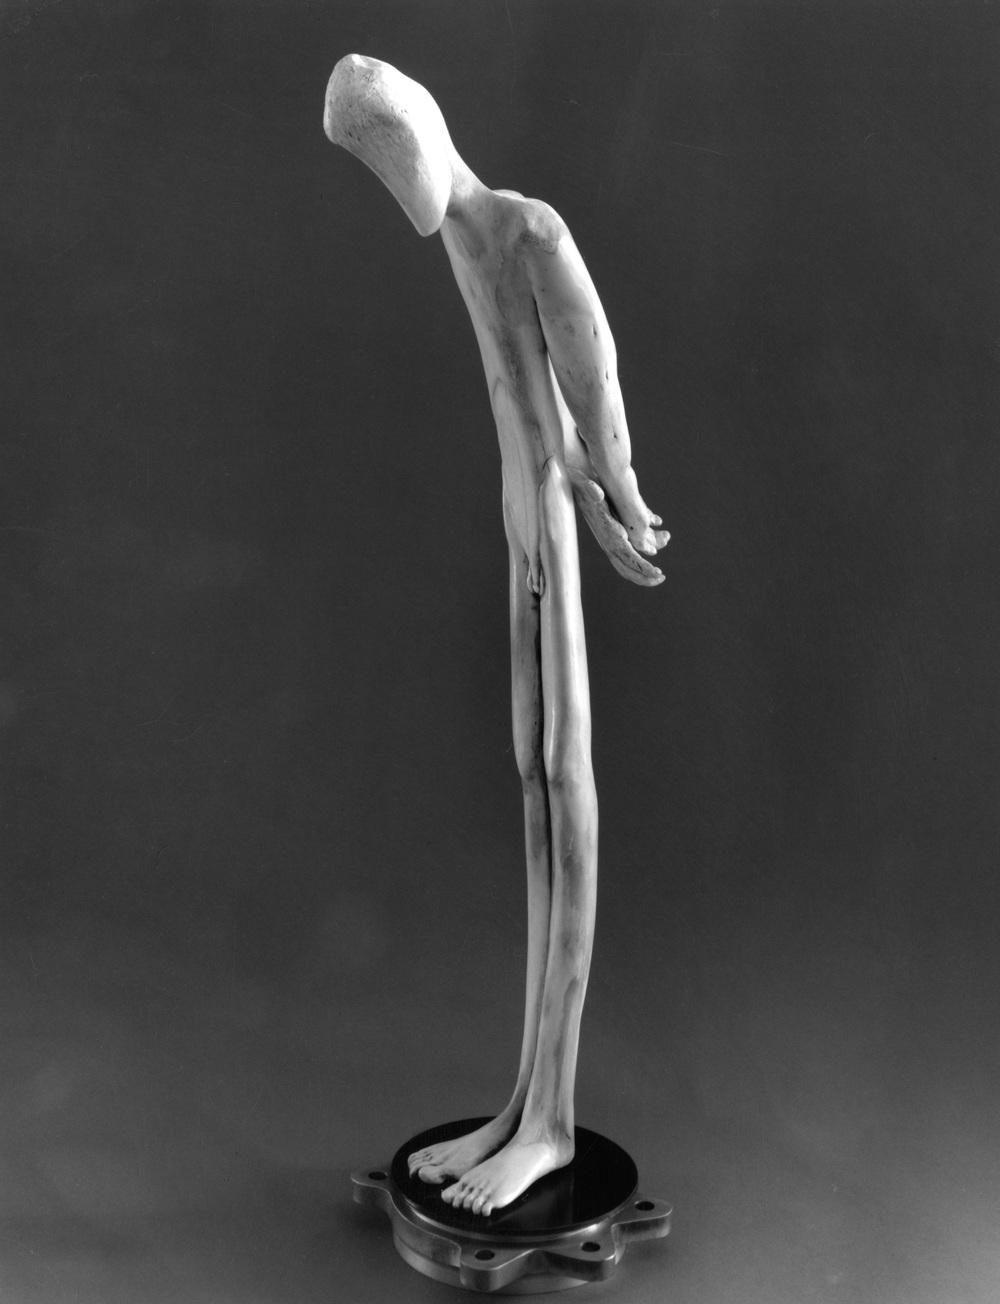 Contemplation (Man Standing) by Jerry Hardin | BoneSculpture.com